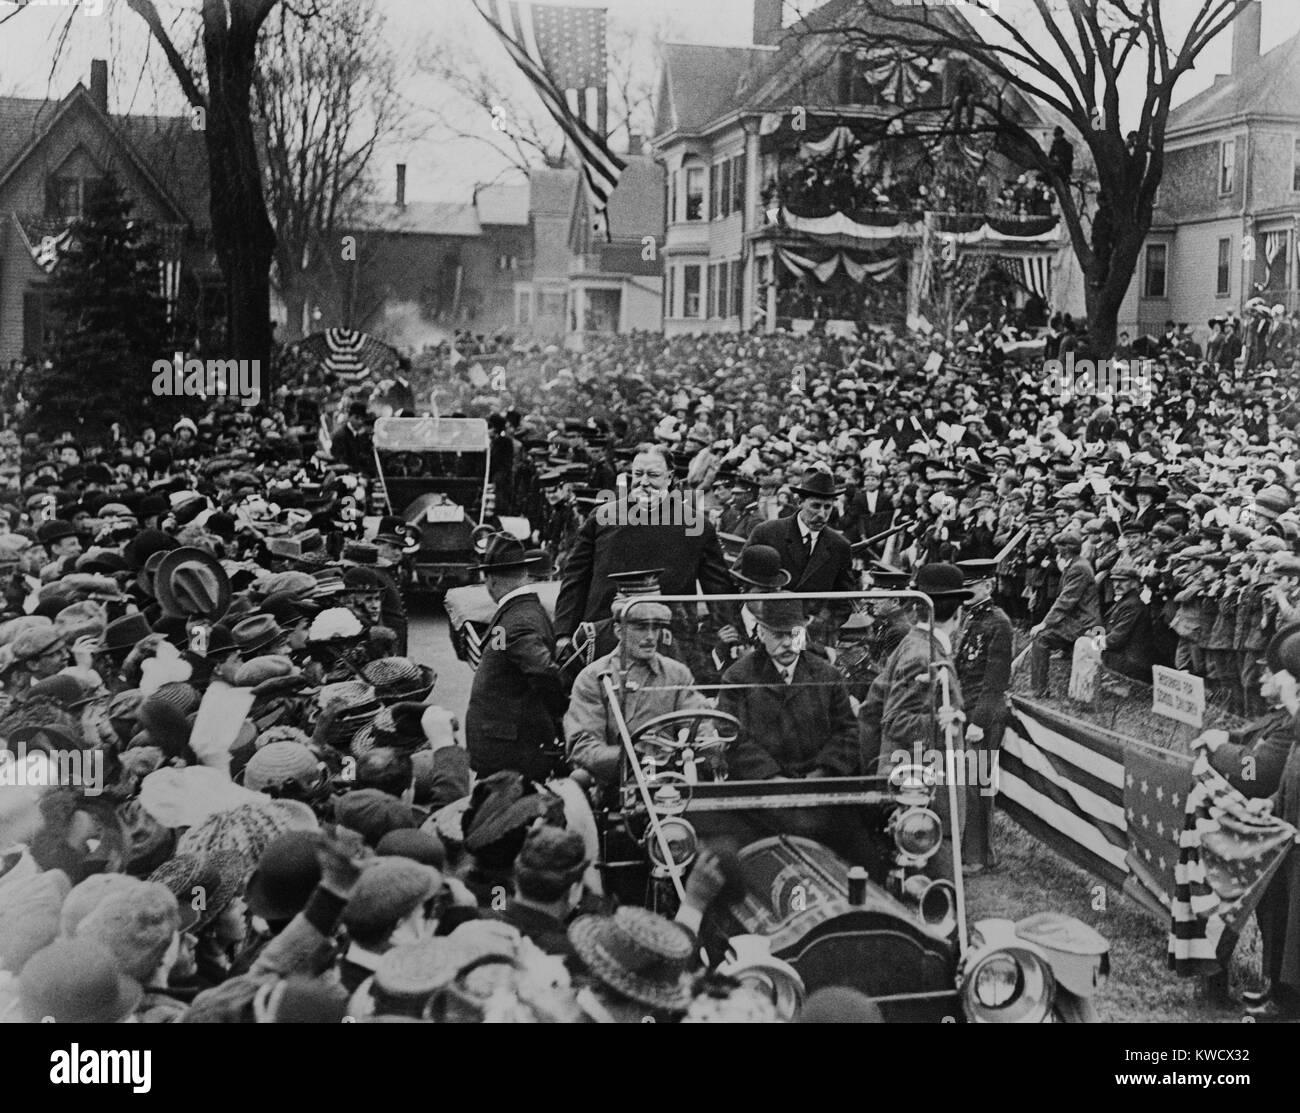 Präsident William Howard Taft paradieren in einem offenen Automobil, C. 1912. Lage unbekannt (BSLOC_2017_2 Stockbild